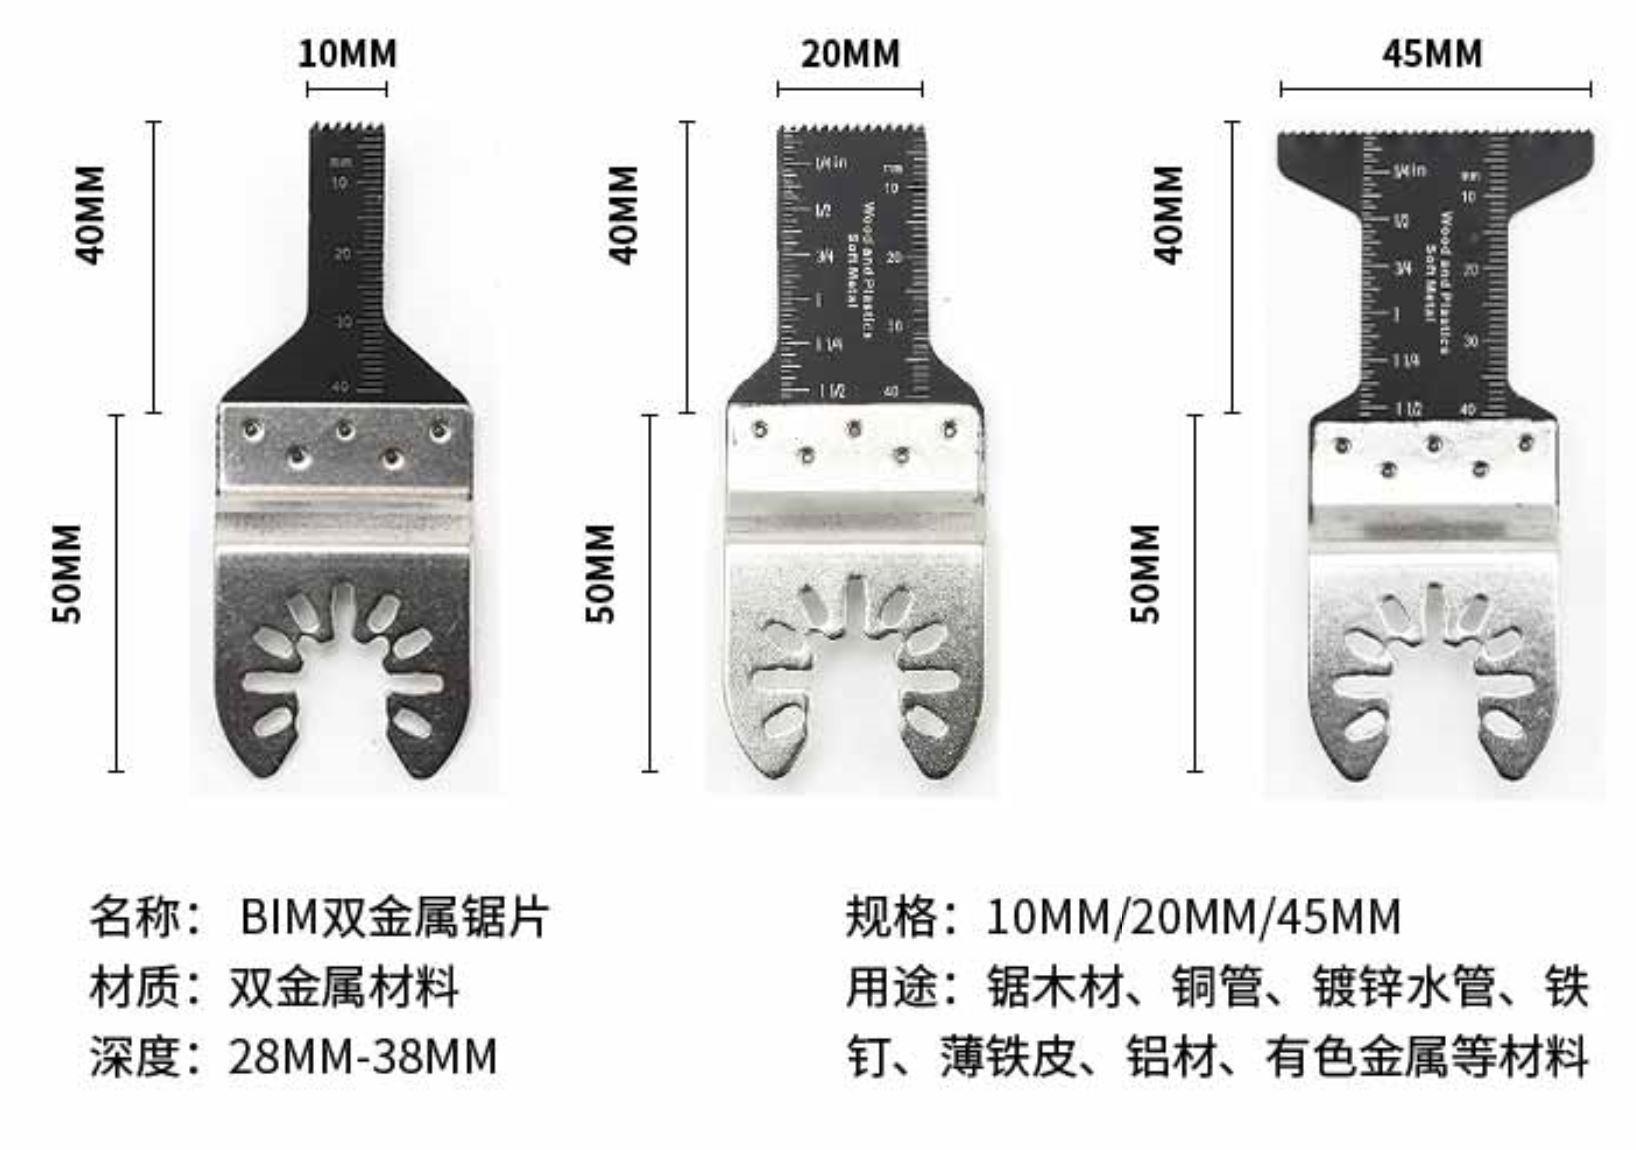 万用宝 多功能锯片 BIM双金属锯片10~45mm 多规格 100片以内